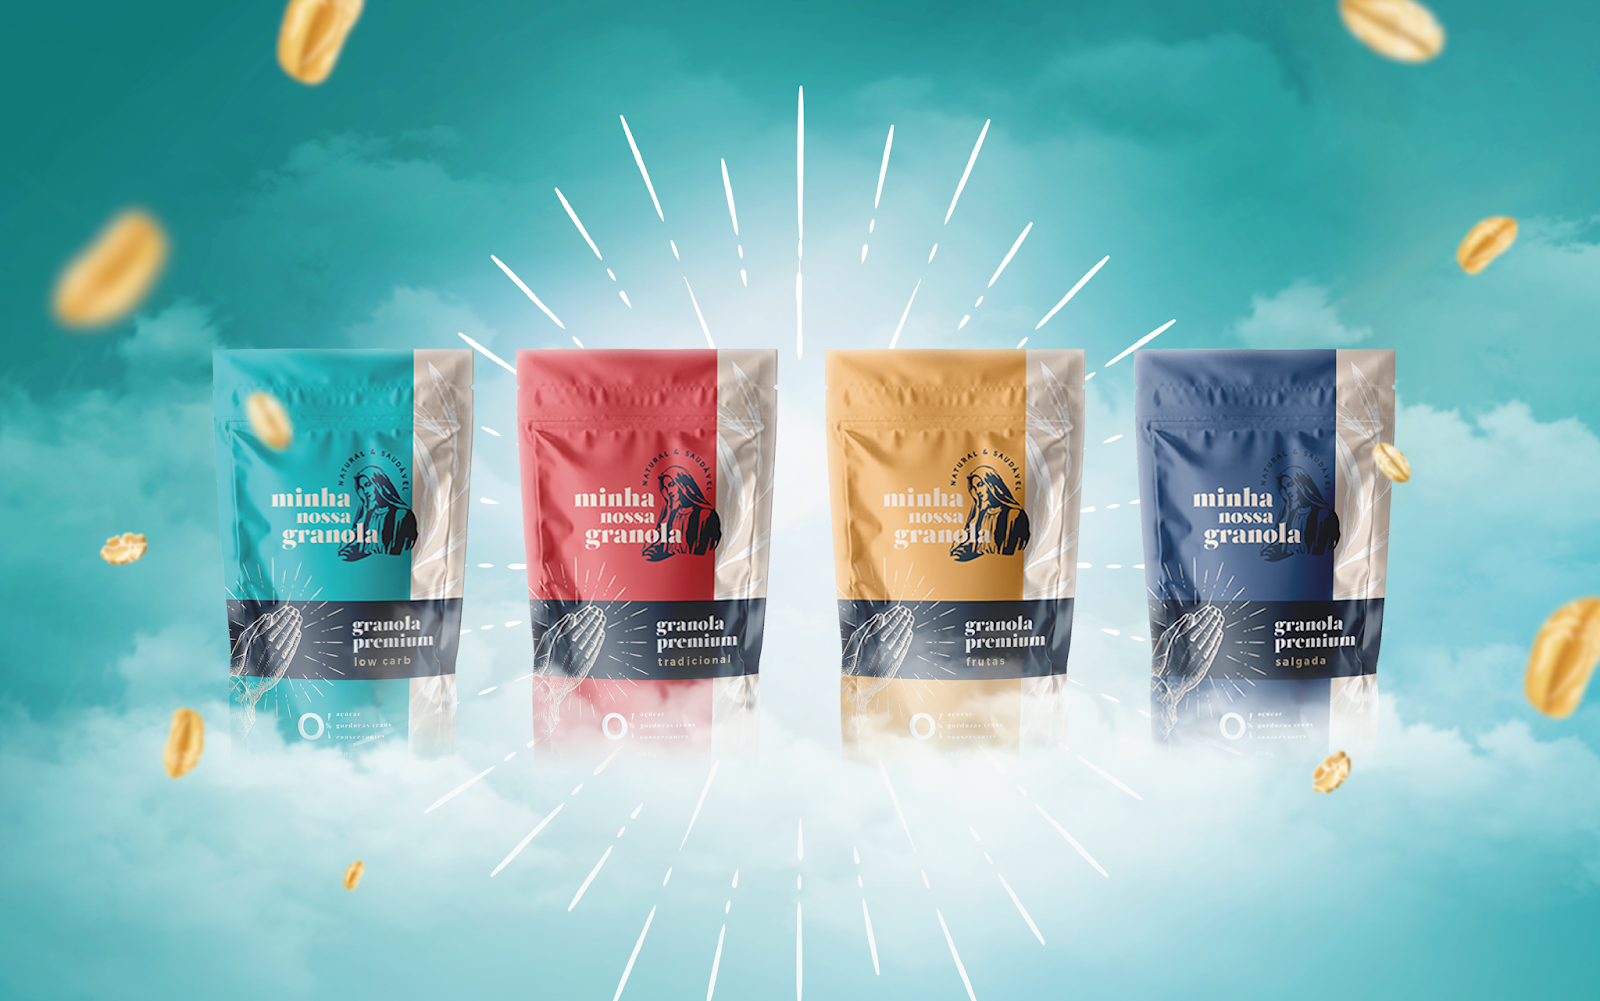 麦片包装袋设计